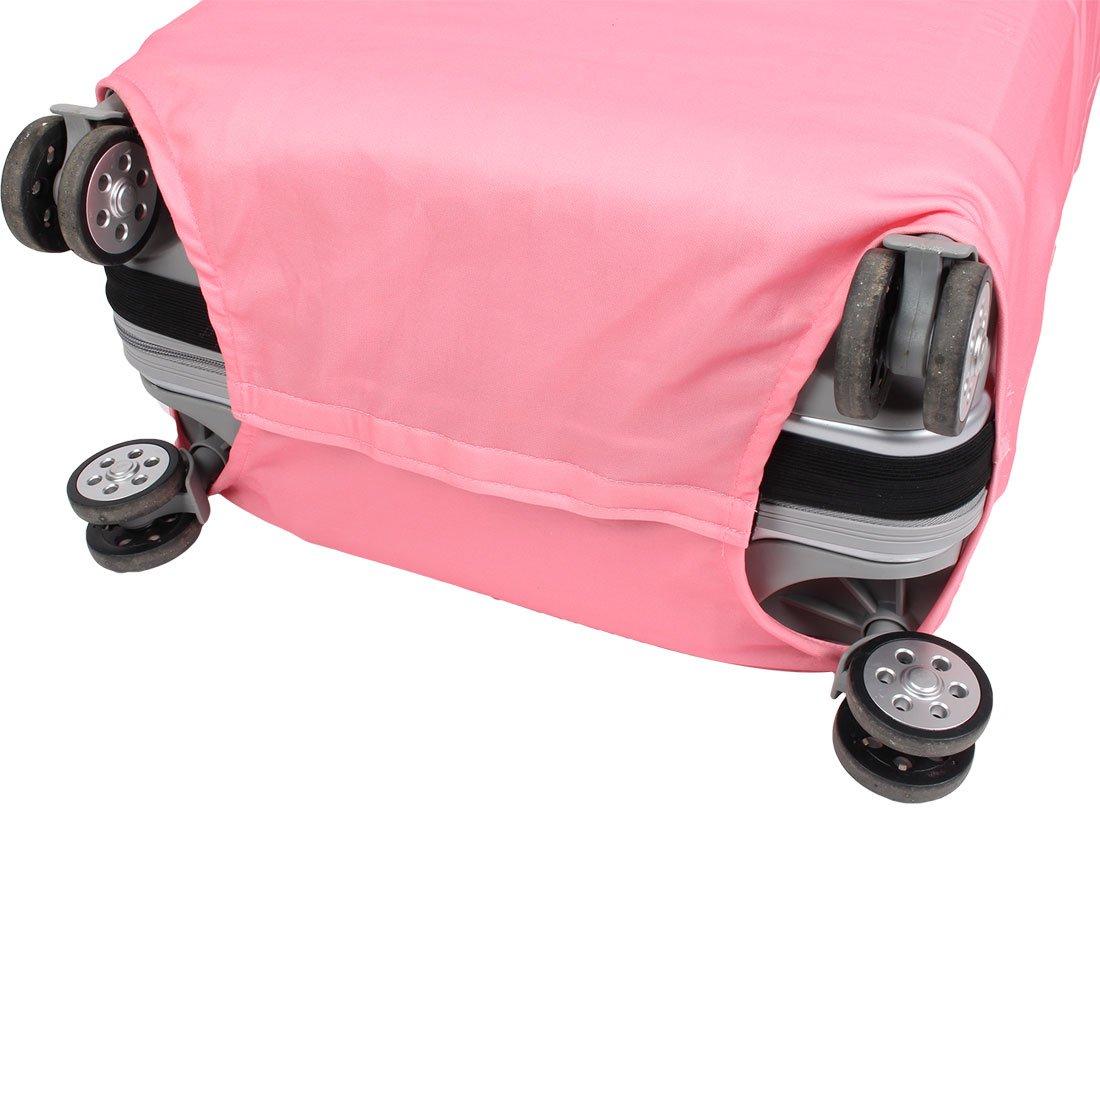 Gepäck Polyester Elefant Muster staubdicht Abdeckung Tasche Rosa 26 ...